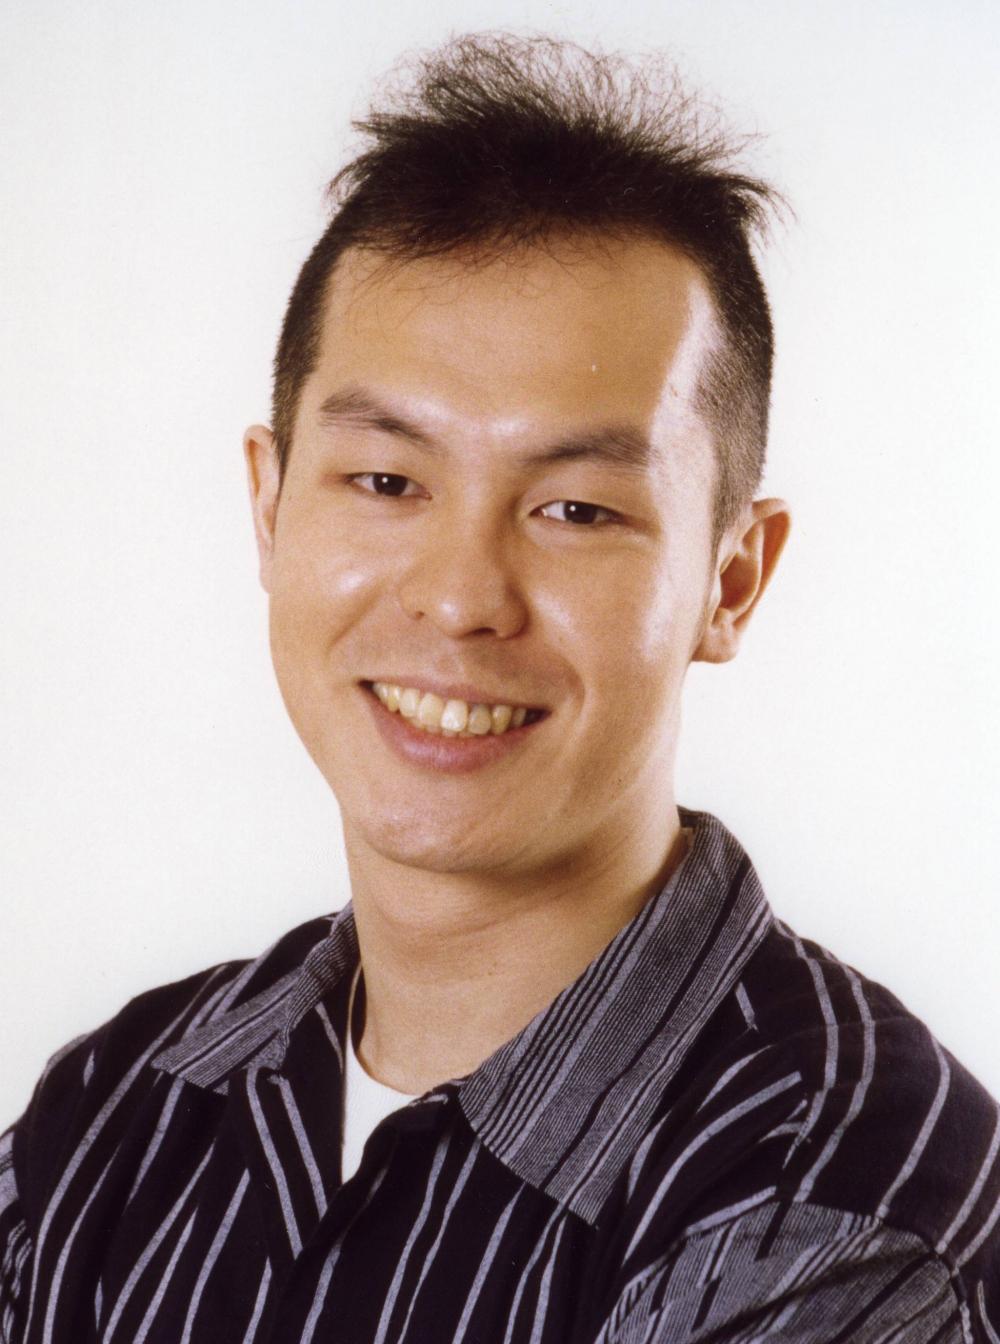 File:KoichiSakaguchi.png